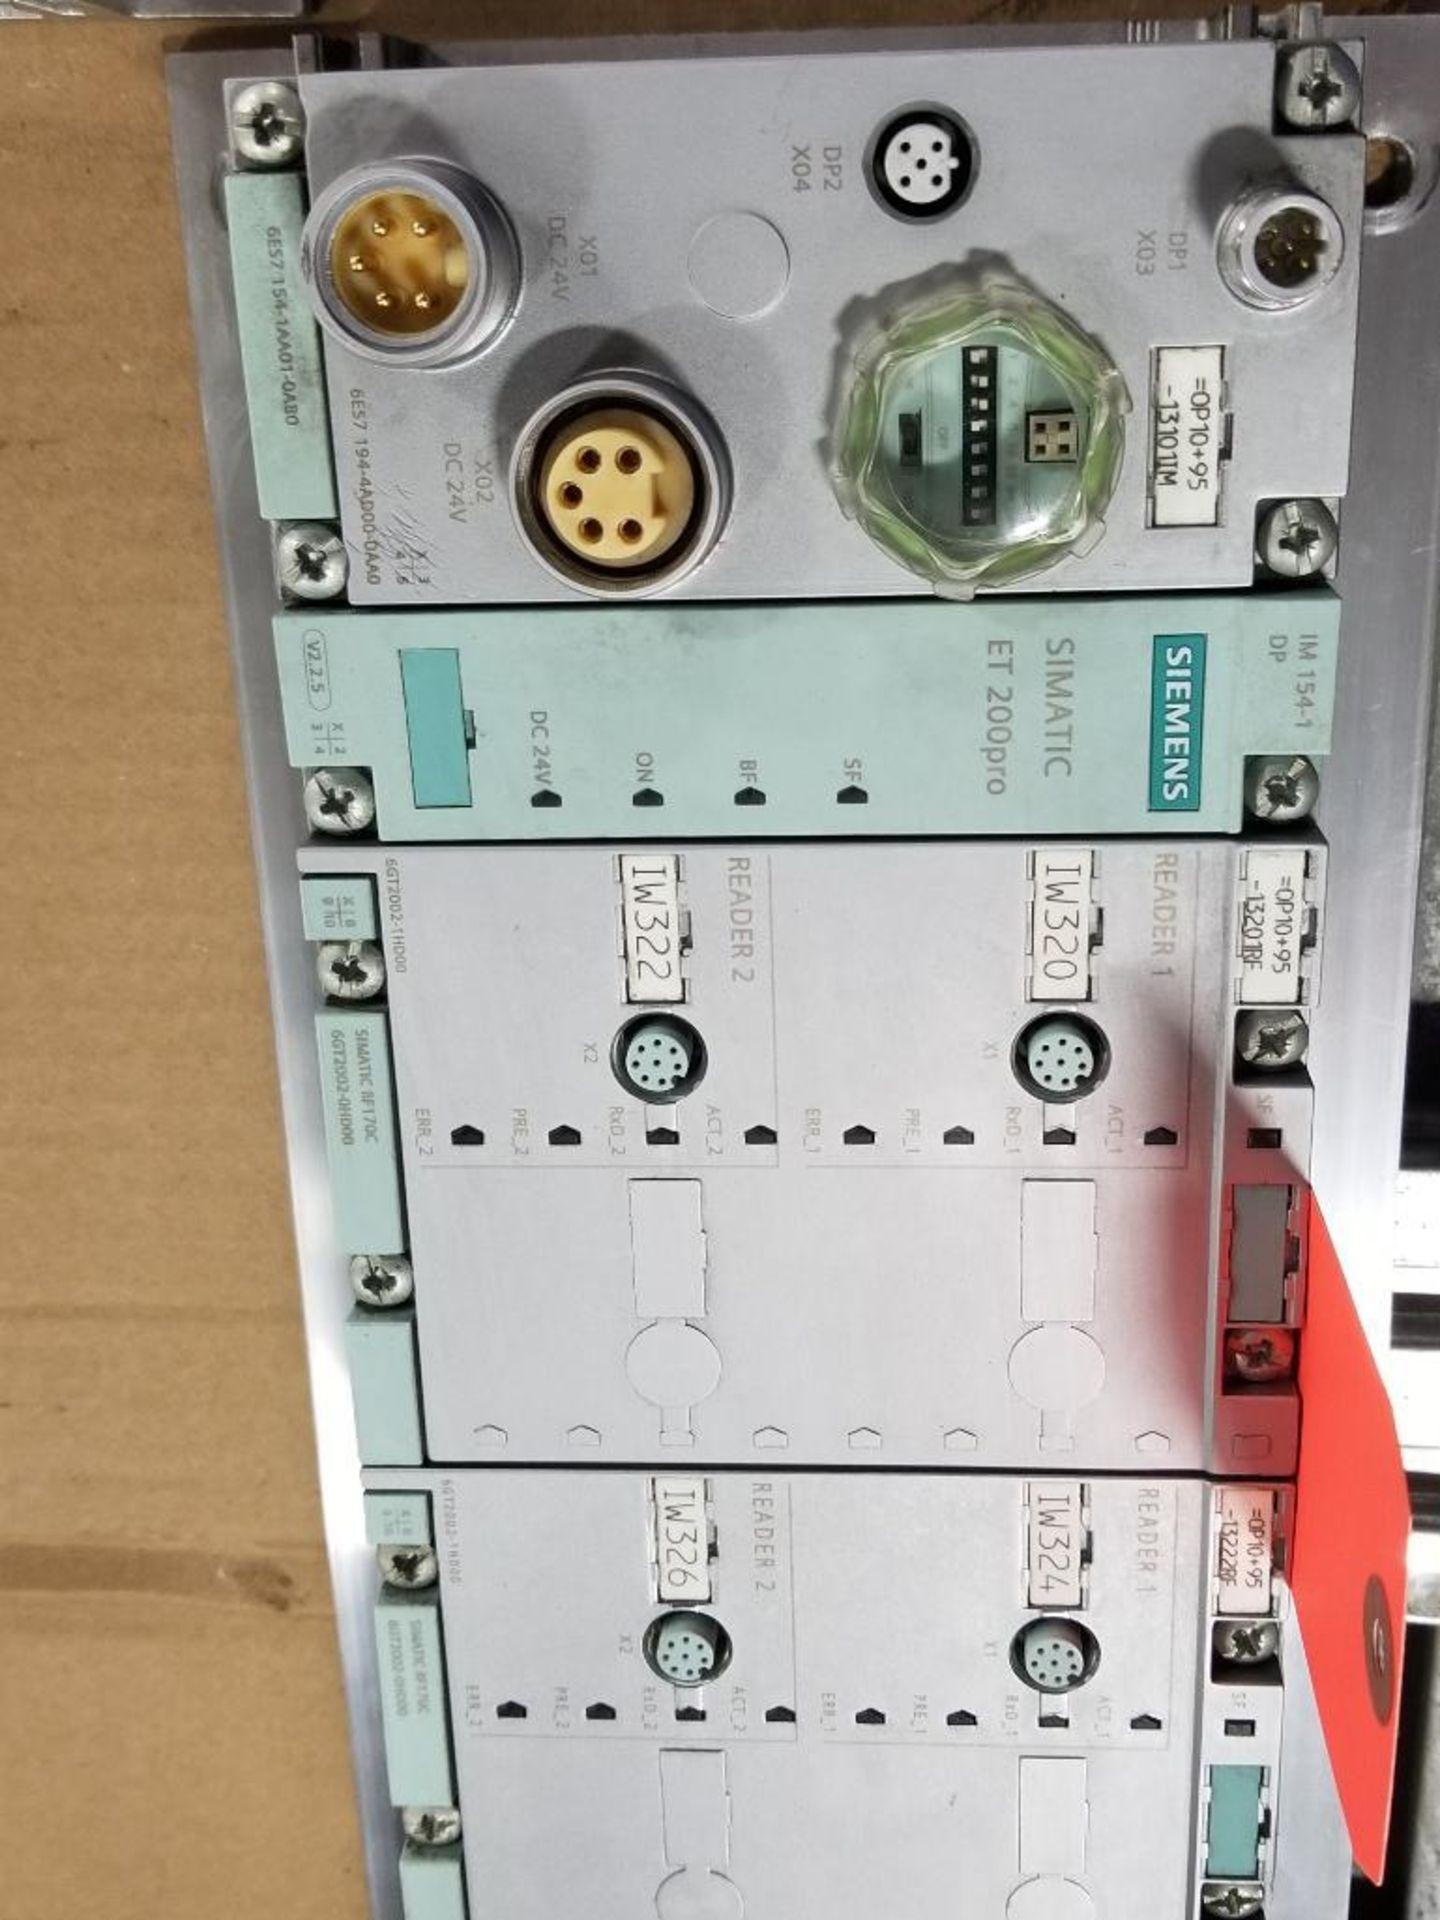 Siemens ET200-pro flow control line. 6ES7-154-1AA01-0AB0. - Image 2 of 5